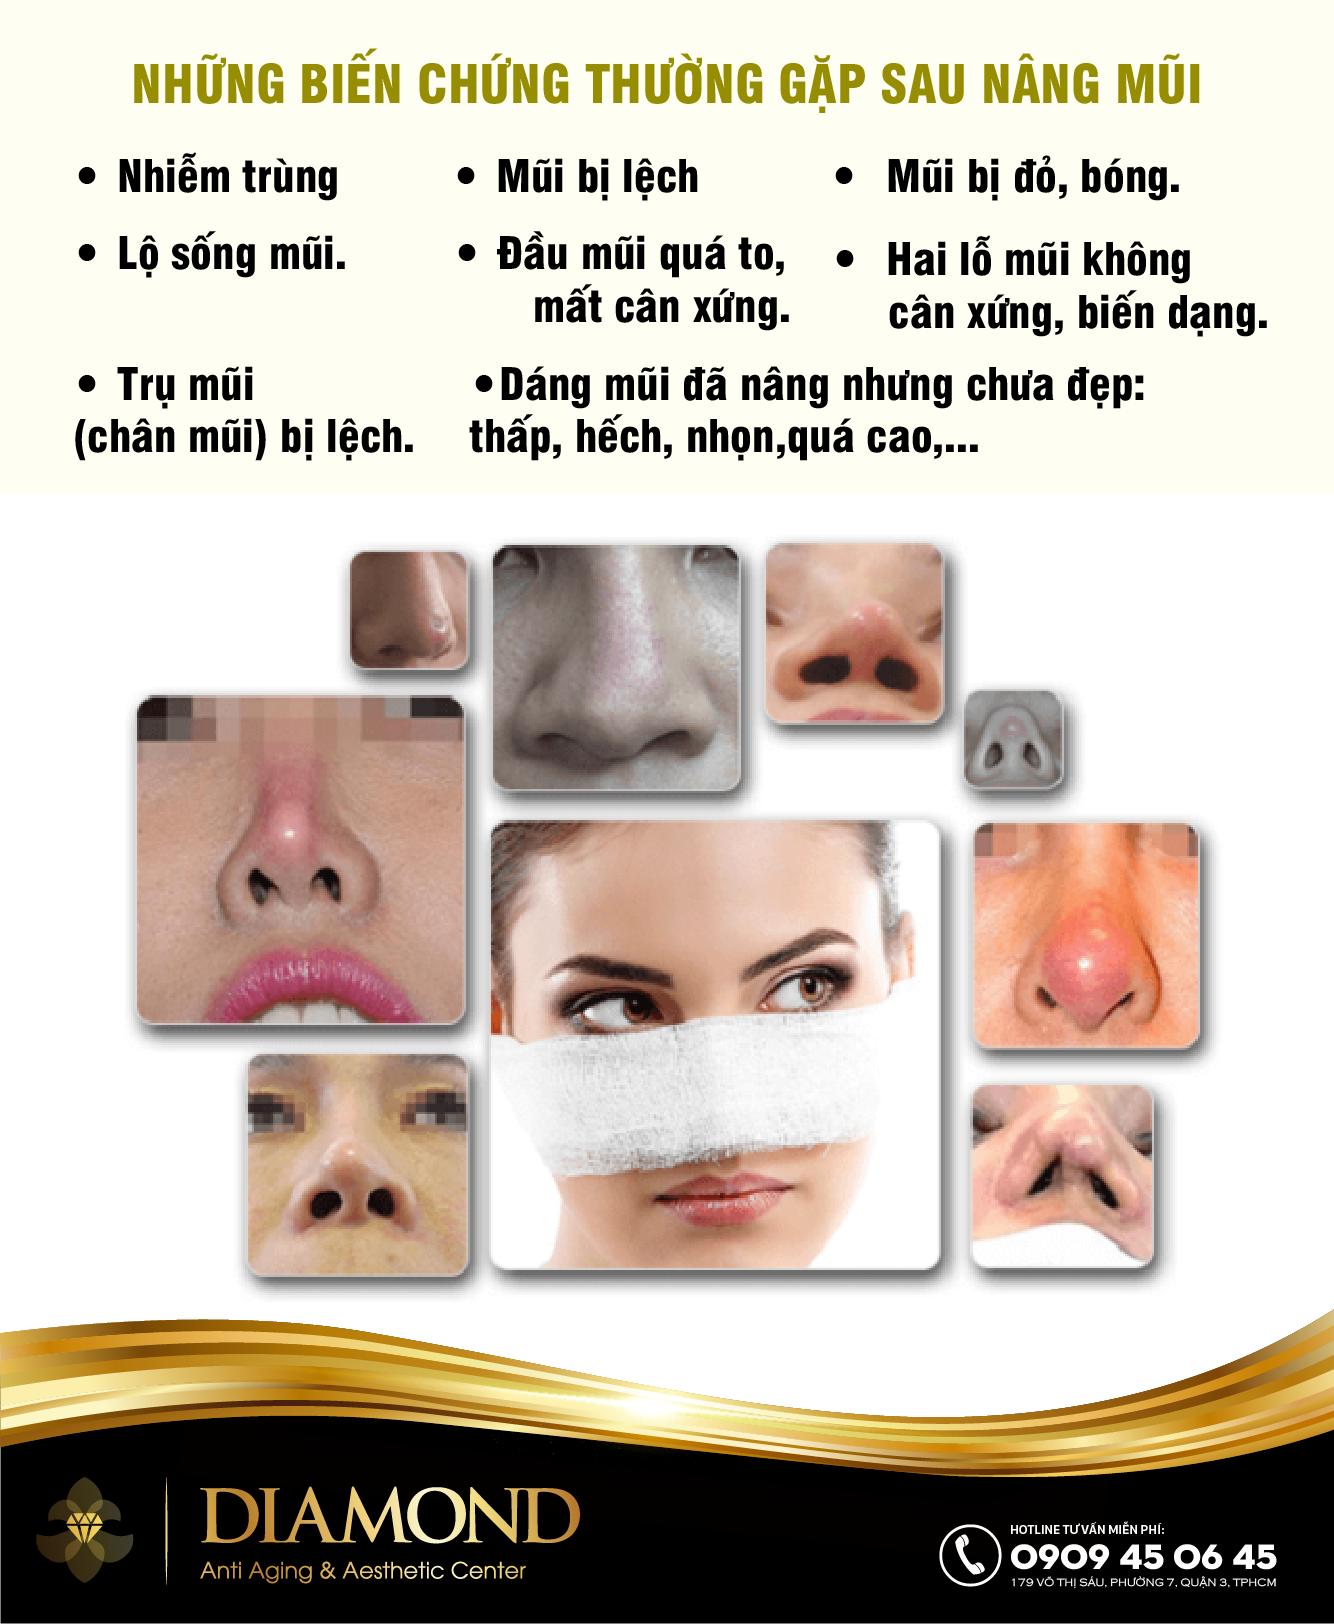 Những biến chứng thường gặp sau nâng mũi